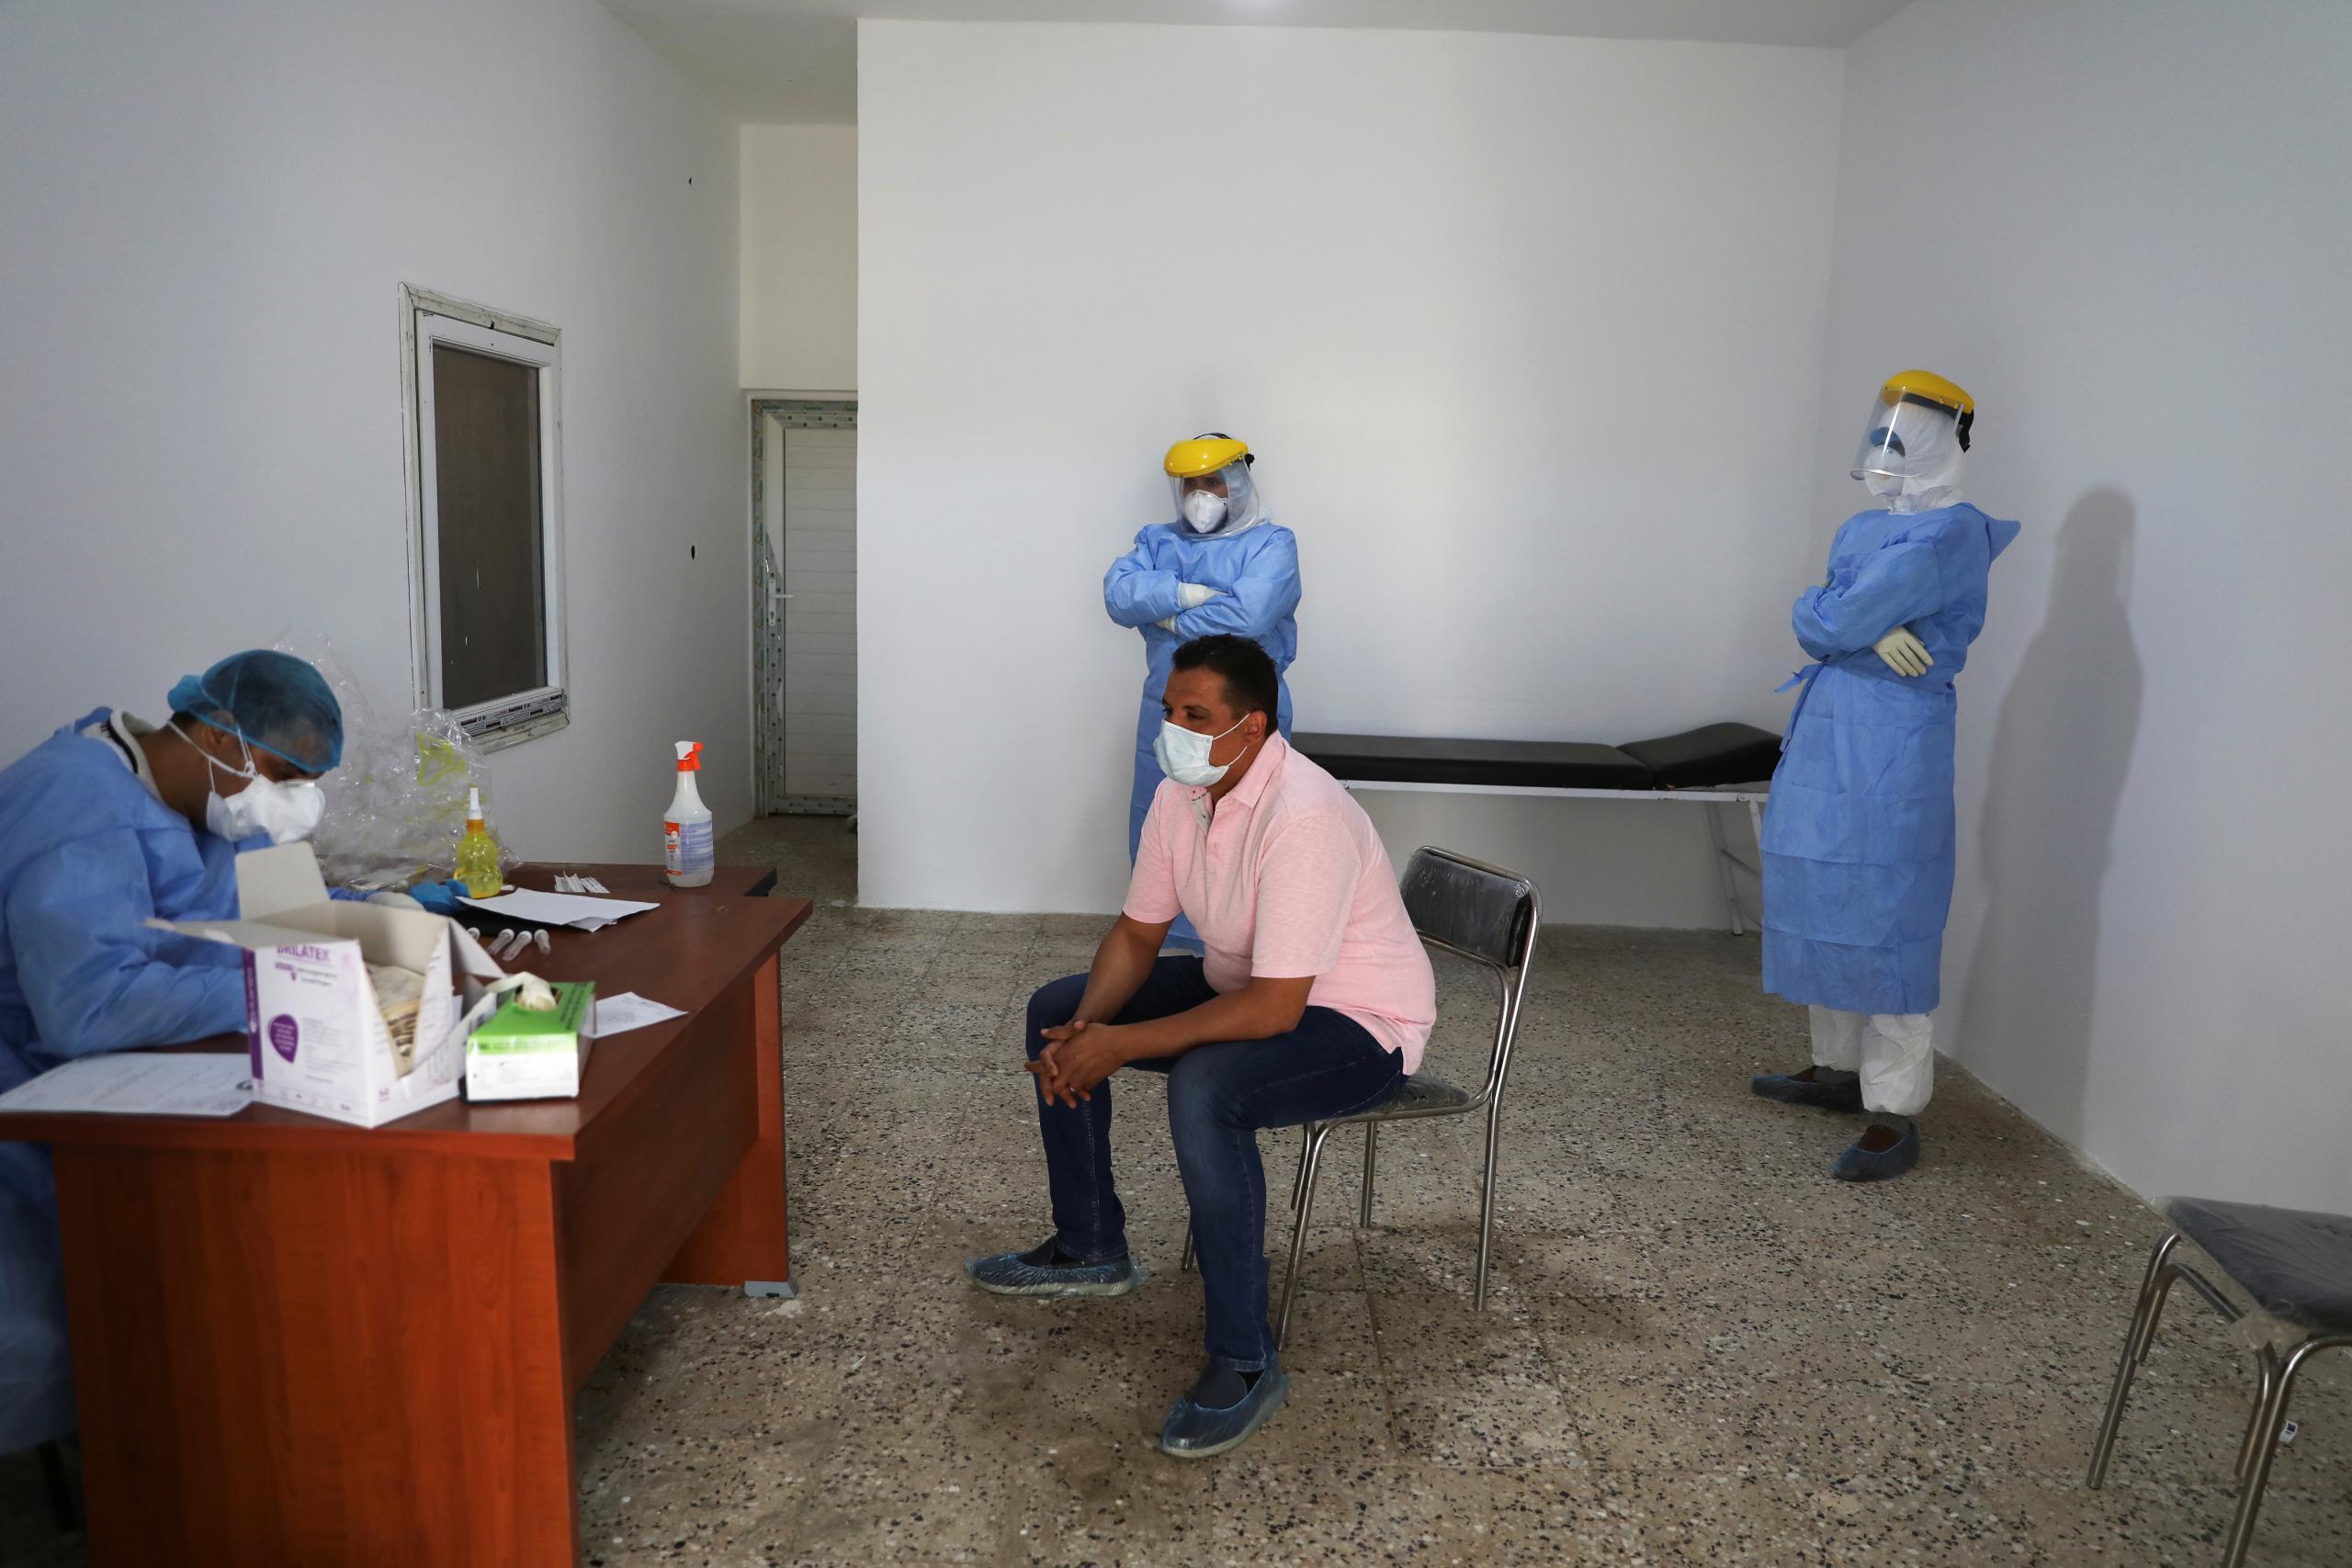 المركز الوطني لمكافحة الأمراض يعلن عبر بيانه رقم 116 عن 22 إصابة جديدة بفيروس كورونا بعد فحص 480 عينة على مستوى ليبيا